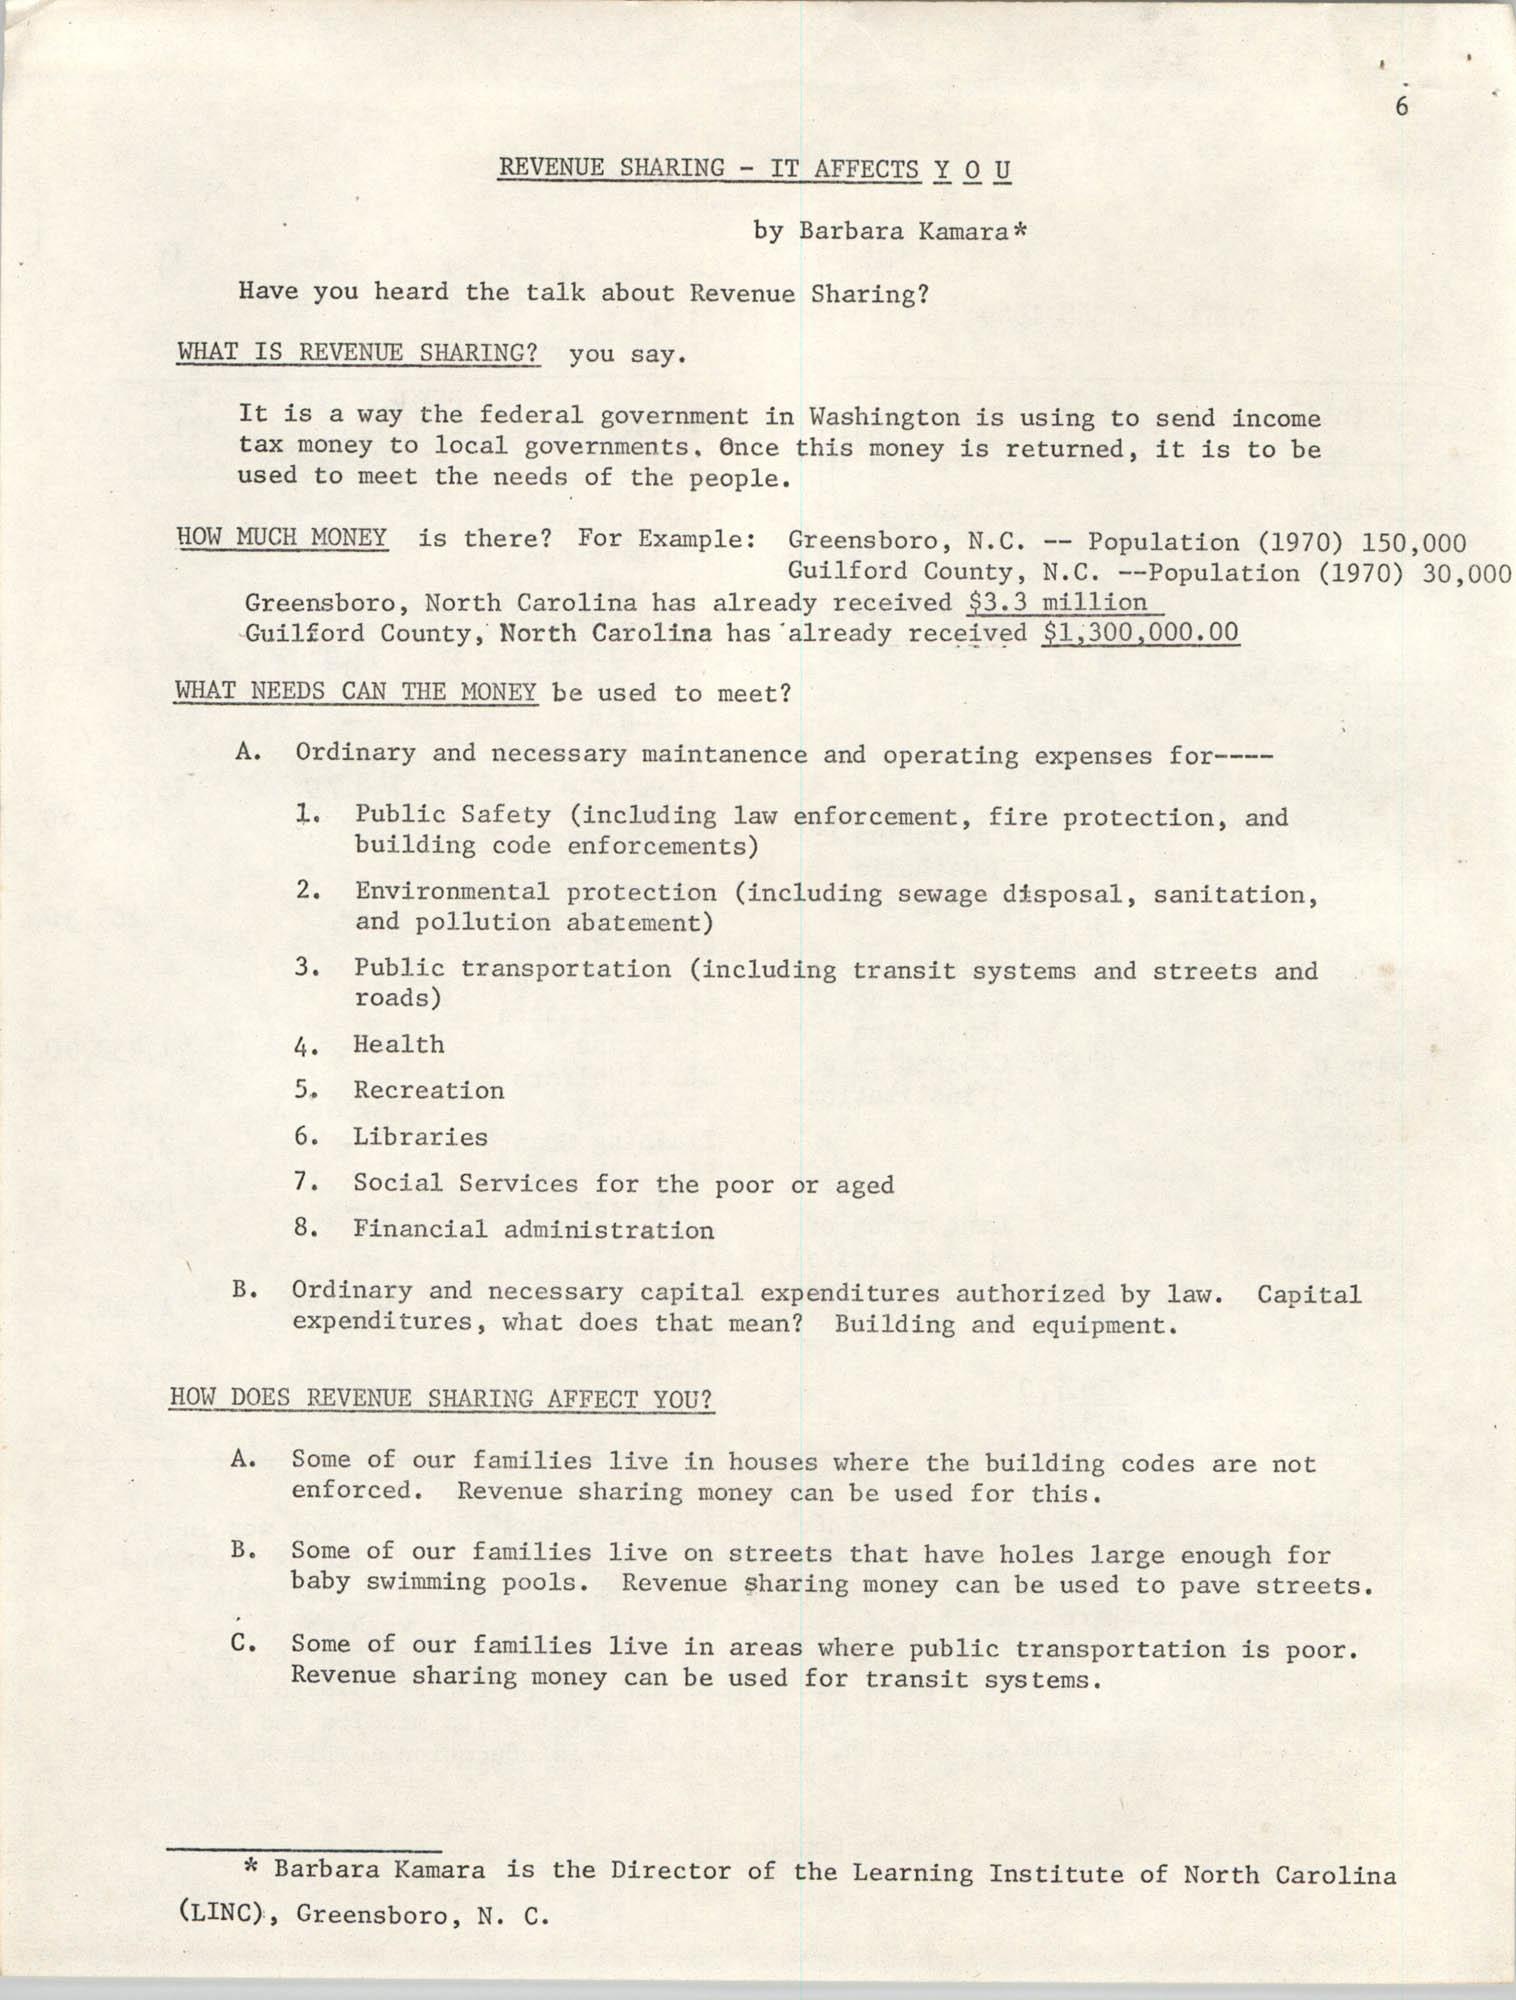 SHARE, Volume I, Number 8, April 1973, Page 6